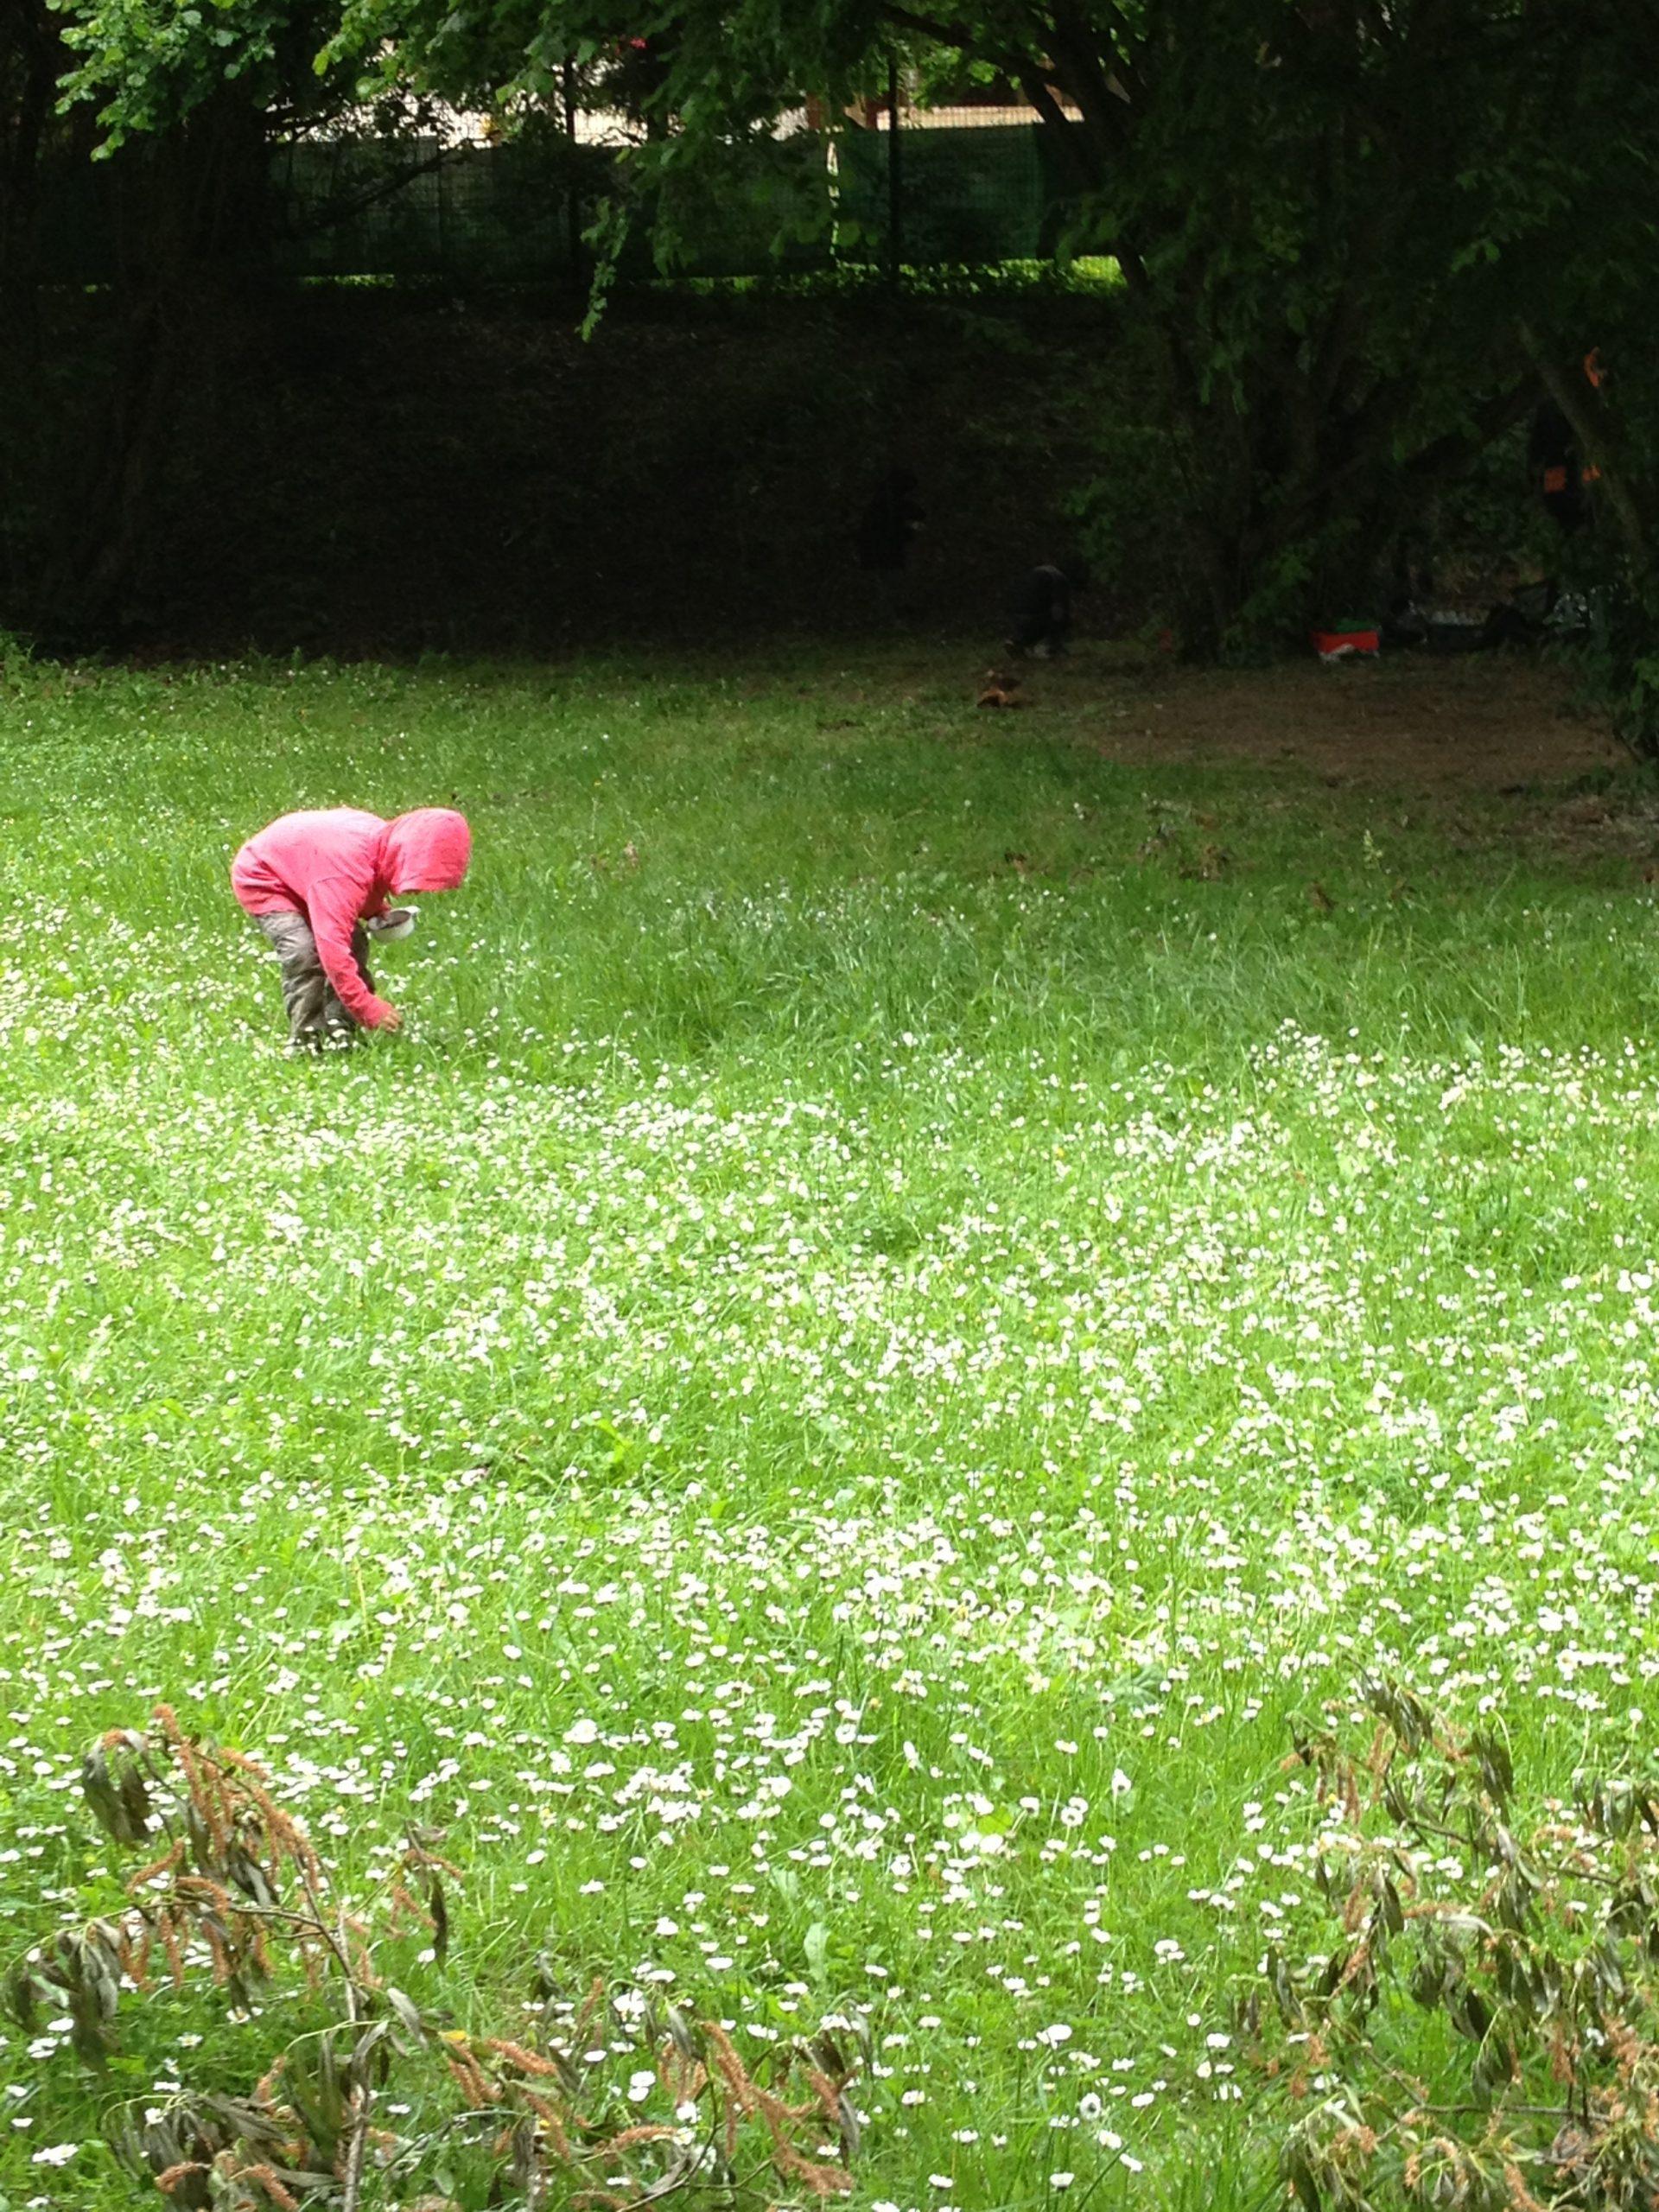 Activités « Nature » Autour Des 5 Sens – Ecole Marie-Thérèse concernant Les 5 Sens Activités Maternelle